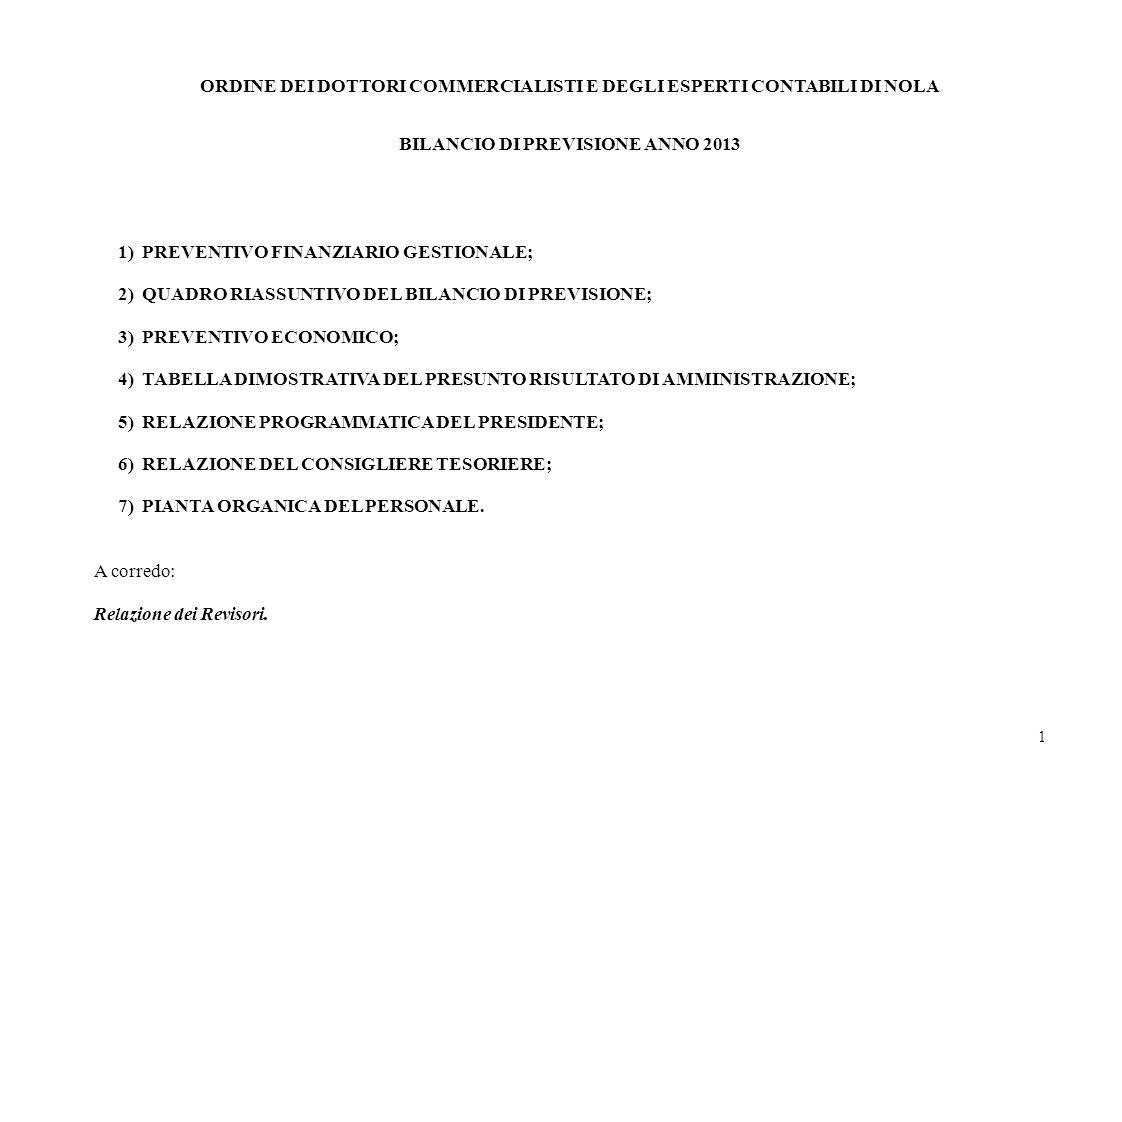 ORDINE DEI DOTTORI COMMERCIALISTI E DEGLI ESPERTI CONTABILI DI NOLA Quadro riassuntivo del Bilancio di Previsione per l Esercizio 2013 Titolo I - Spese correnti Categoria II - Spese del personale 154.100,00239.103,40 Categoria IV - Spese funzionamento Uffici 67.800,0068.511,74 Categoria V - Studi Ricerche e Manif.